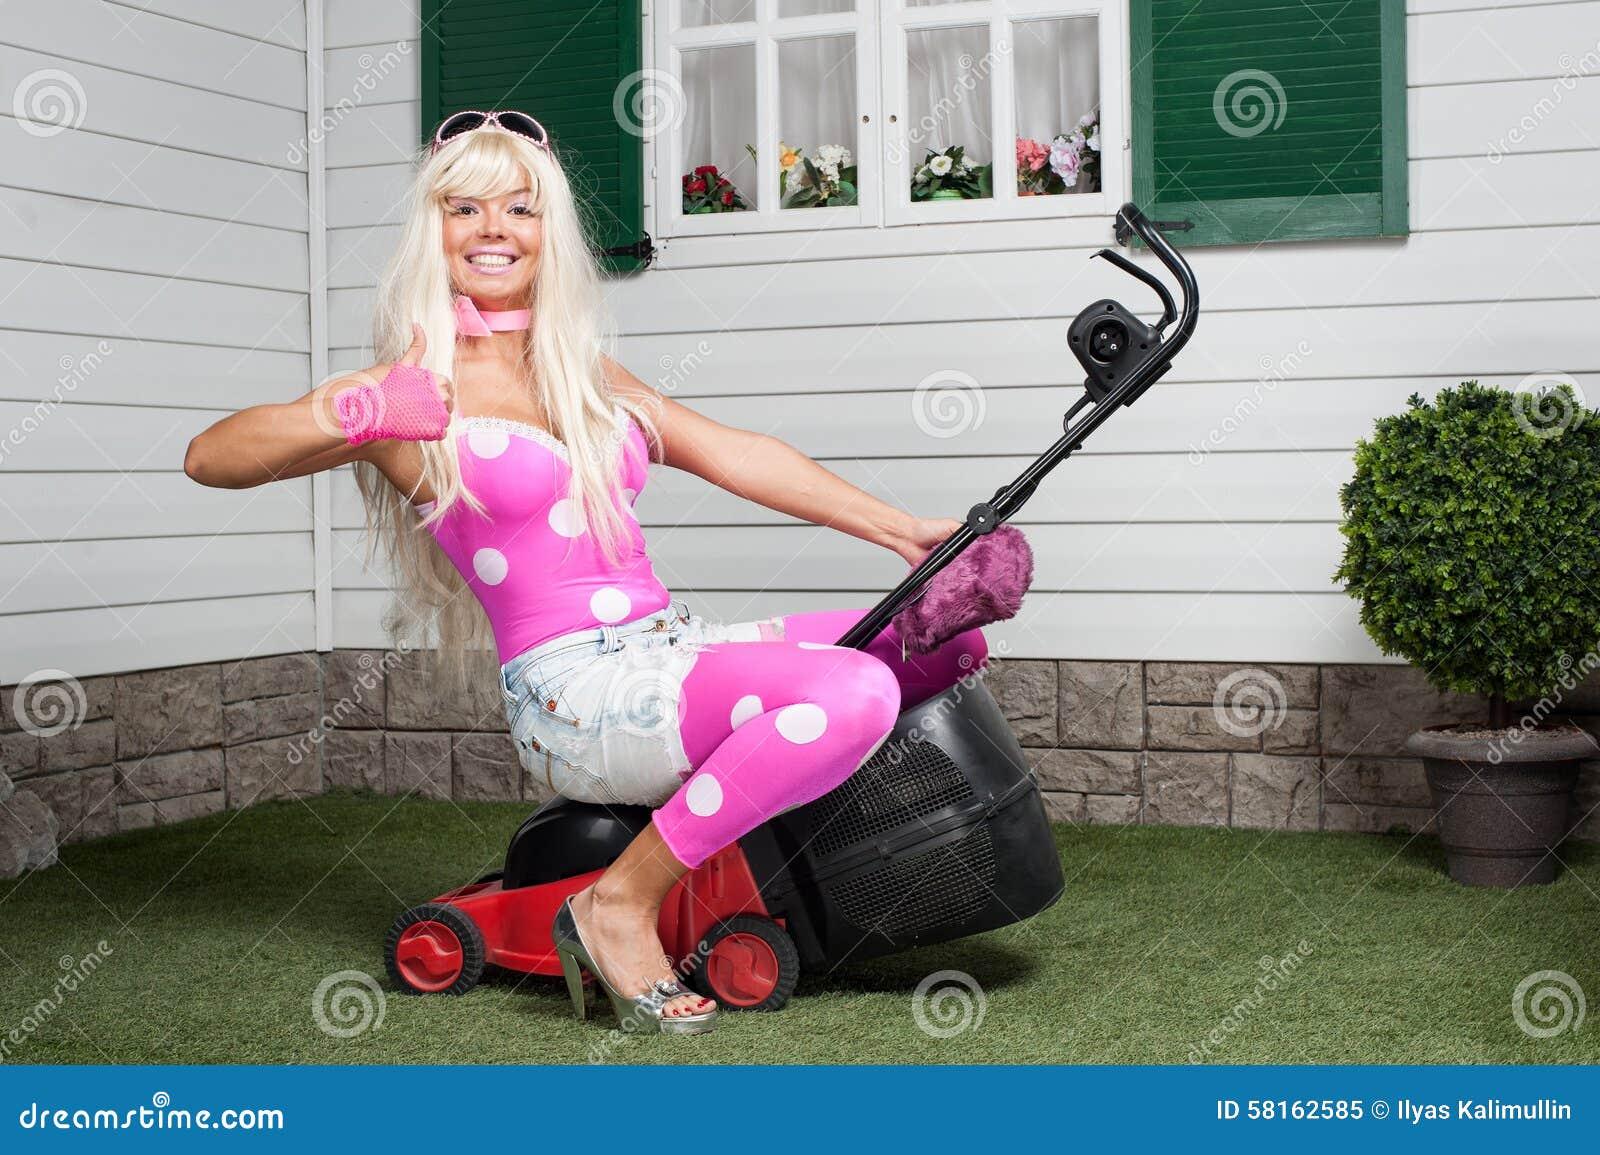 barbie se reposant sur une tondeuse gazon photo stock image 58162585. Black Bedroom Furniture Sets. Home Design Ideas